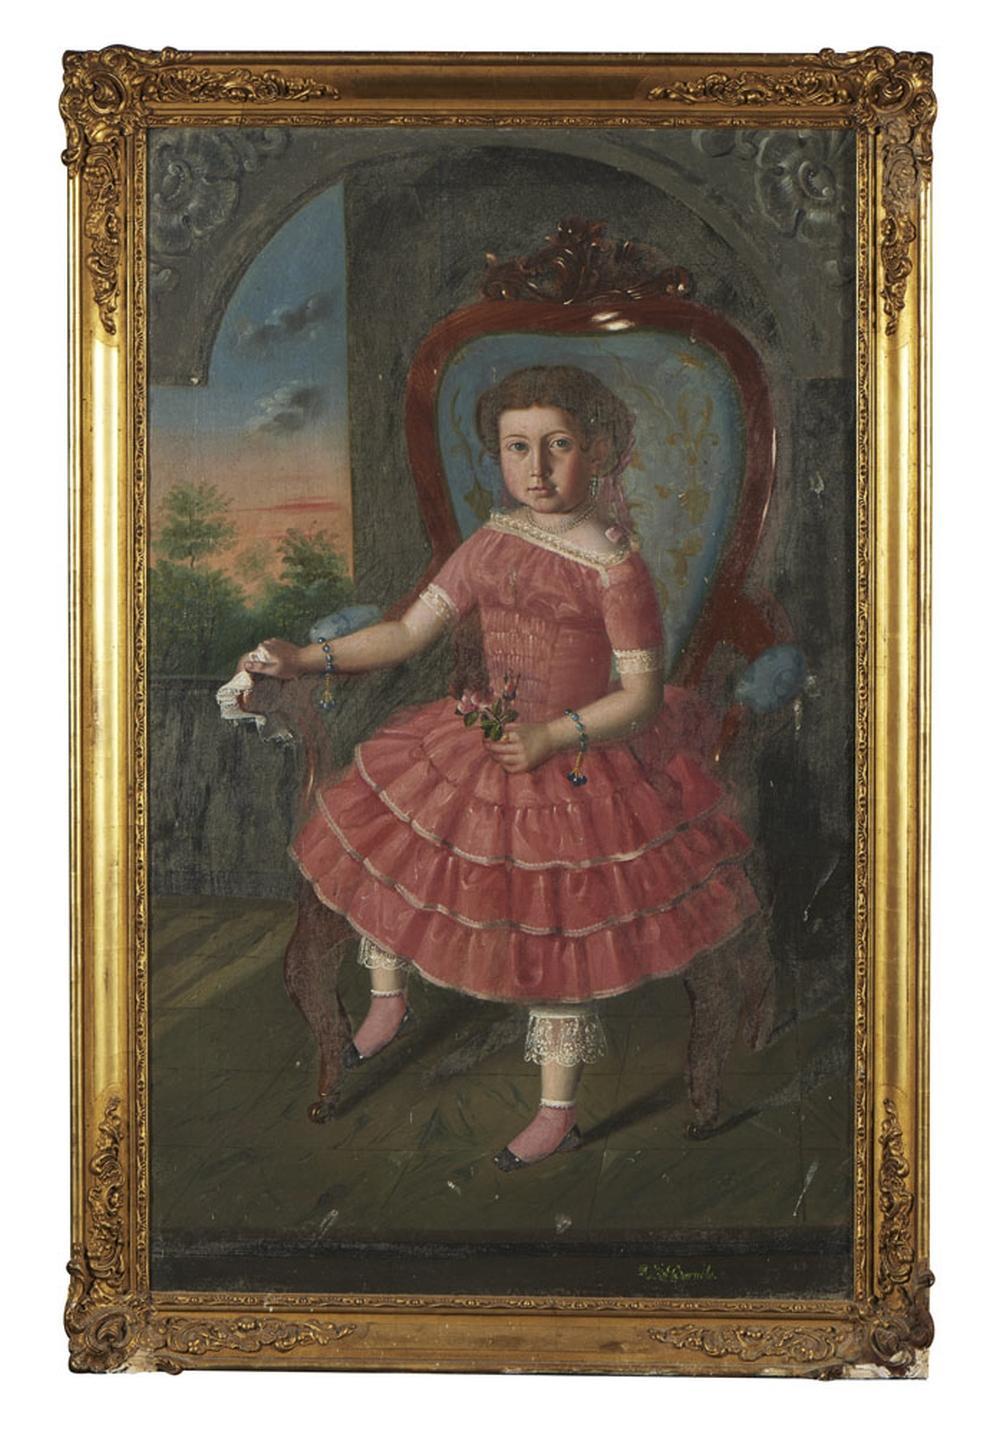 Retrato de menina, Óleo sobre tela, 108,5 x 66 cm.